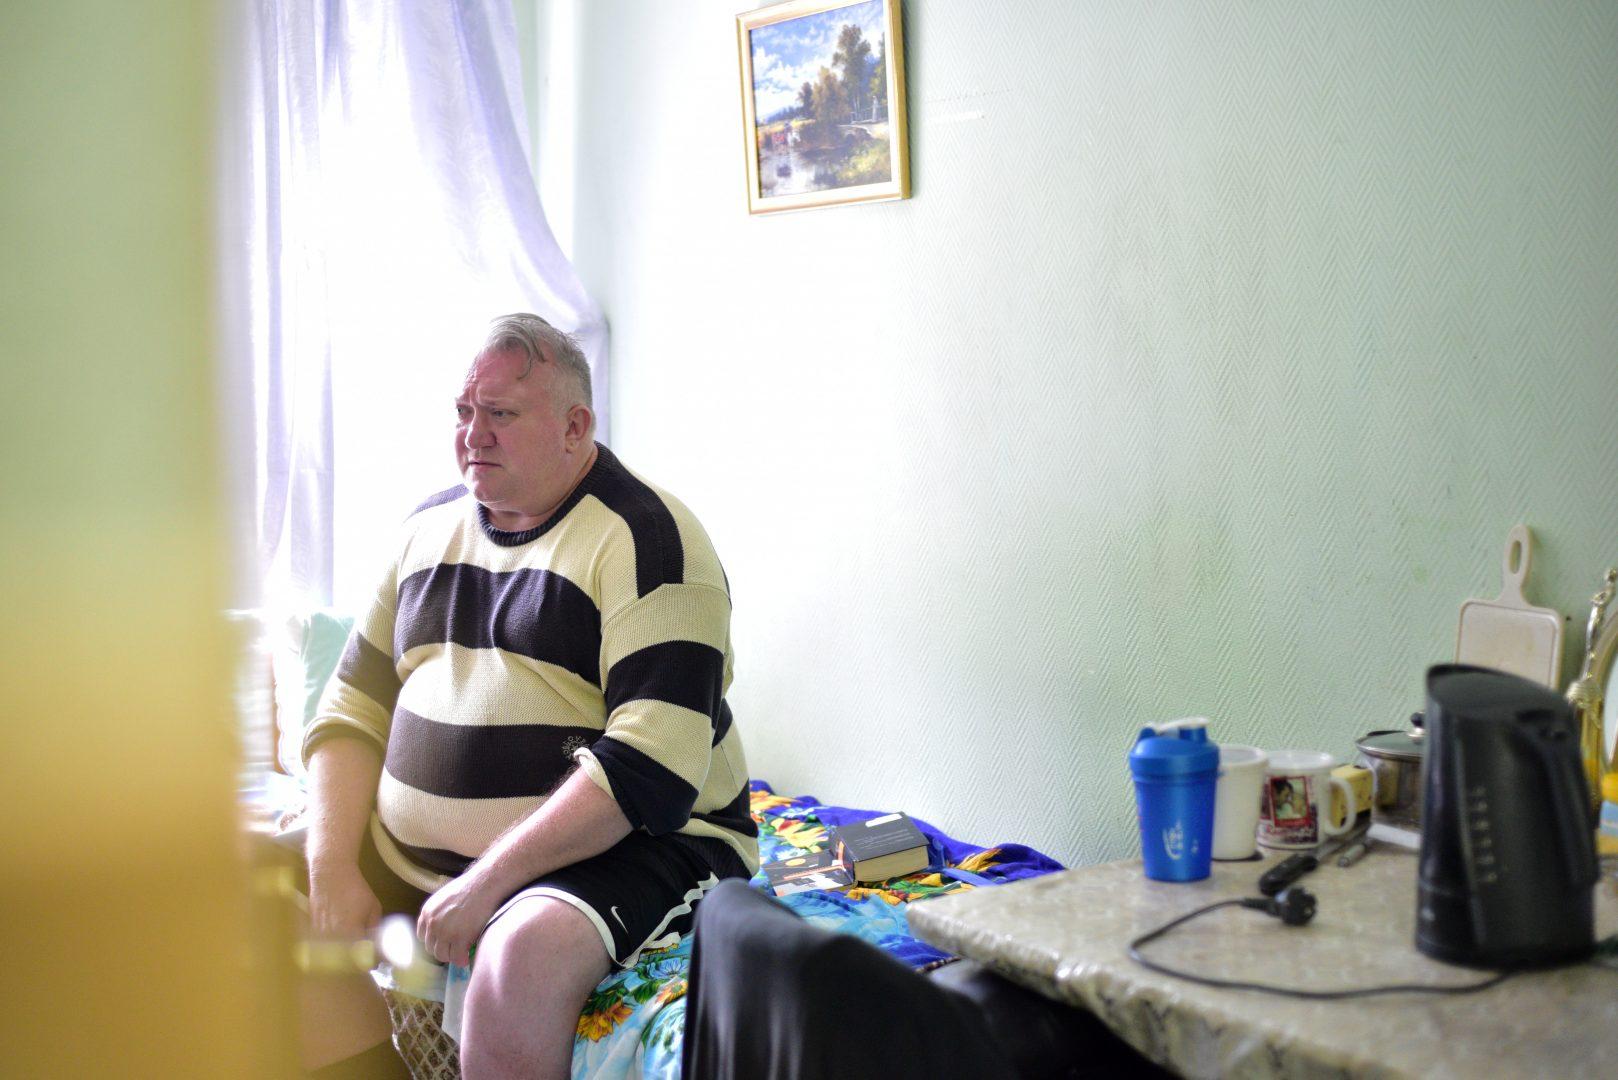 Столичный «Социальный патруль» помогает бездомным круглосуточно даже в праздники. Фото: Пелагия Замятина, «Вечерняя Москва»